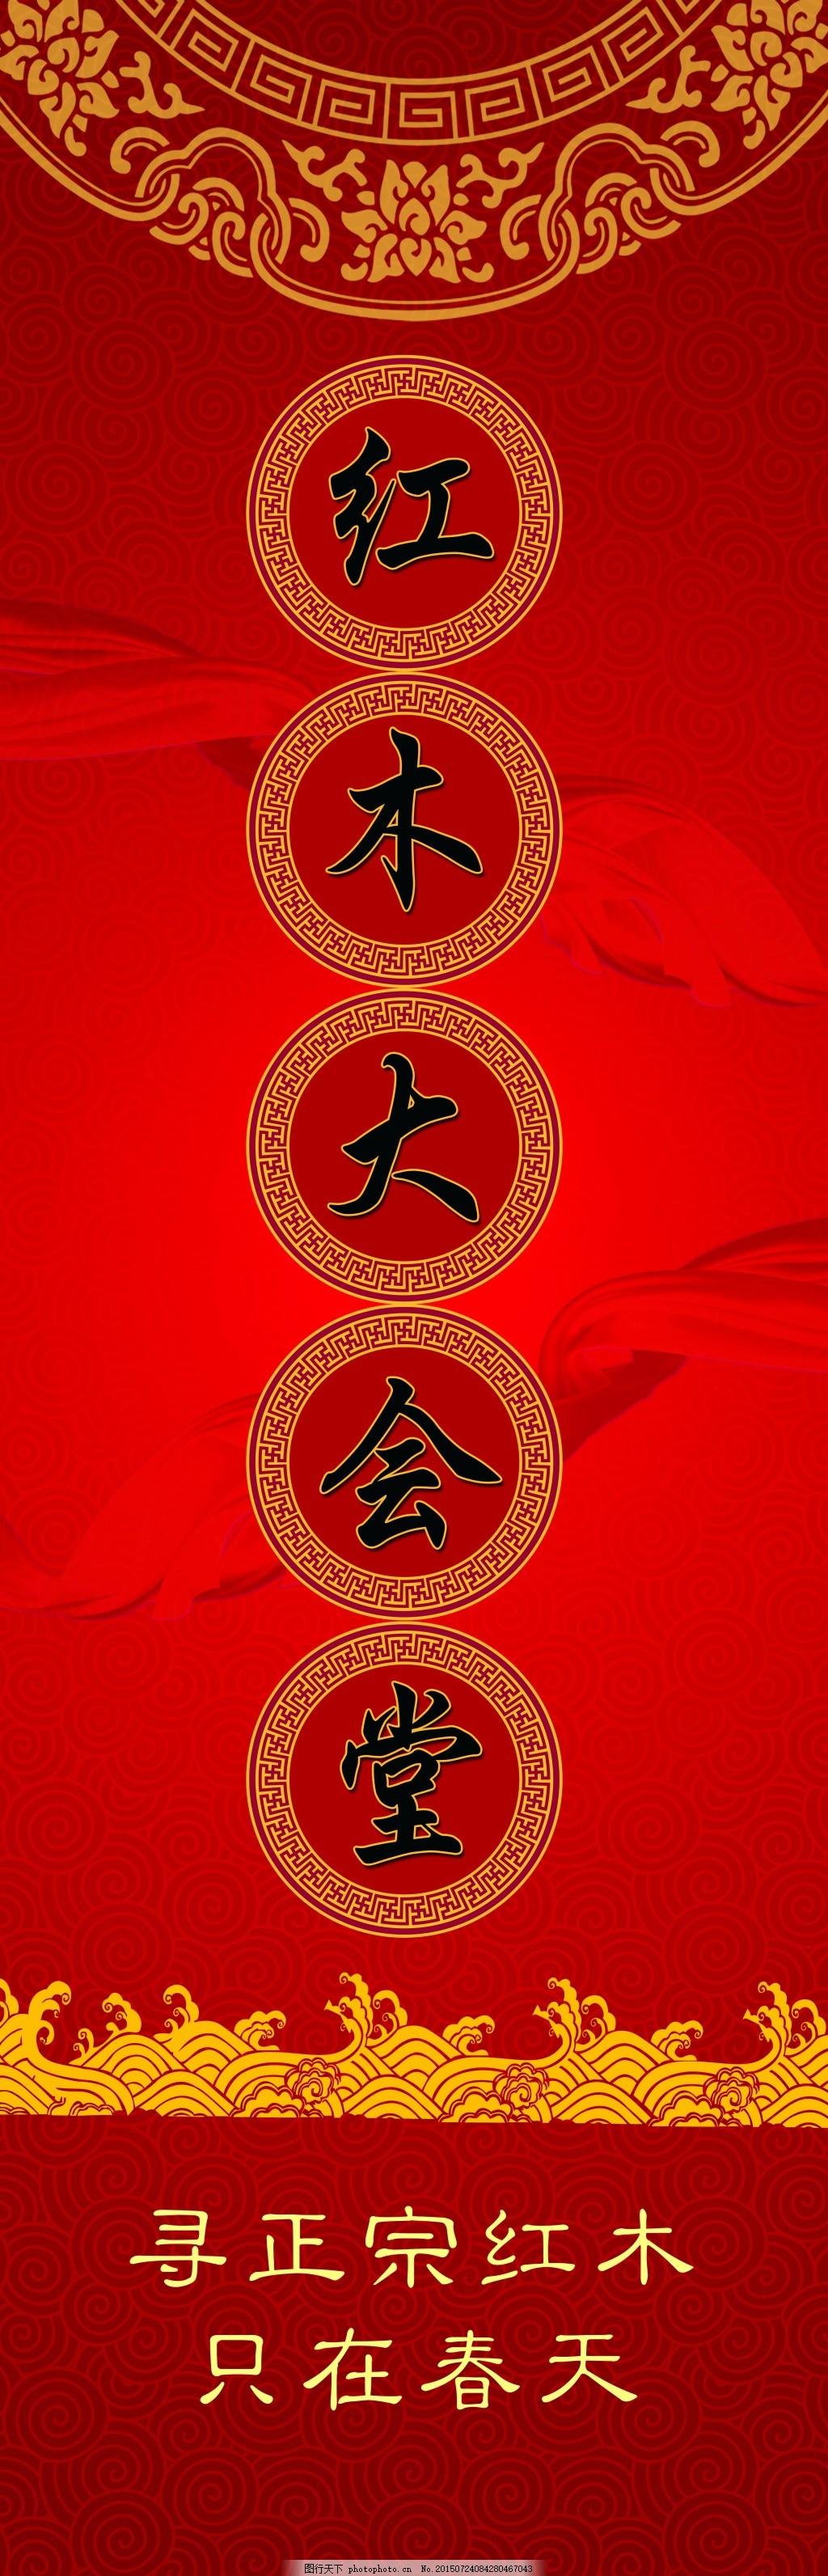 红木大会堂 中国风 中国元素 底纹 红丝带 喜庆 psd 红色